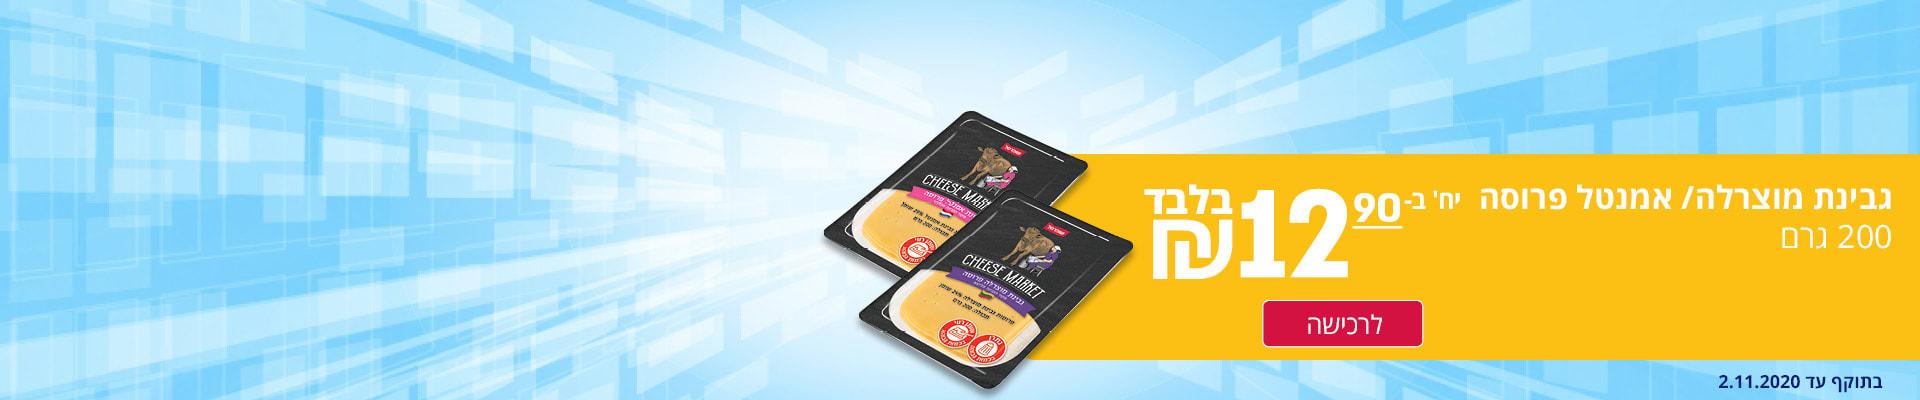 גבינת מוצרלה/ אמנטל פרוסה 200 גרם ב- 12.90 ₪ בלבד ליחידה. בתוקף עד 2.11.2020.